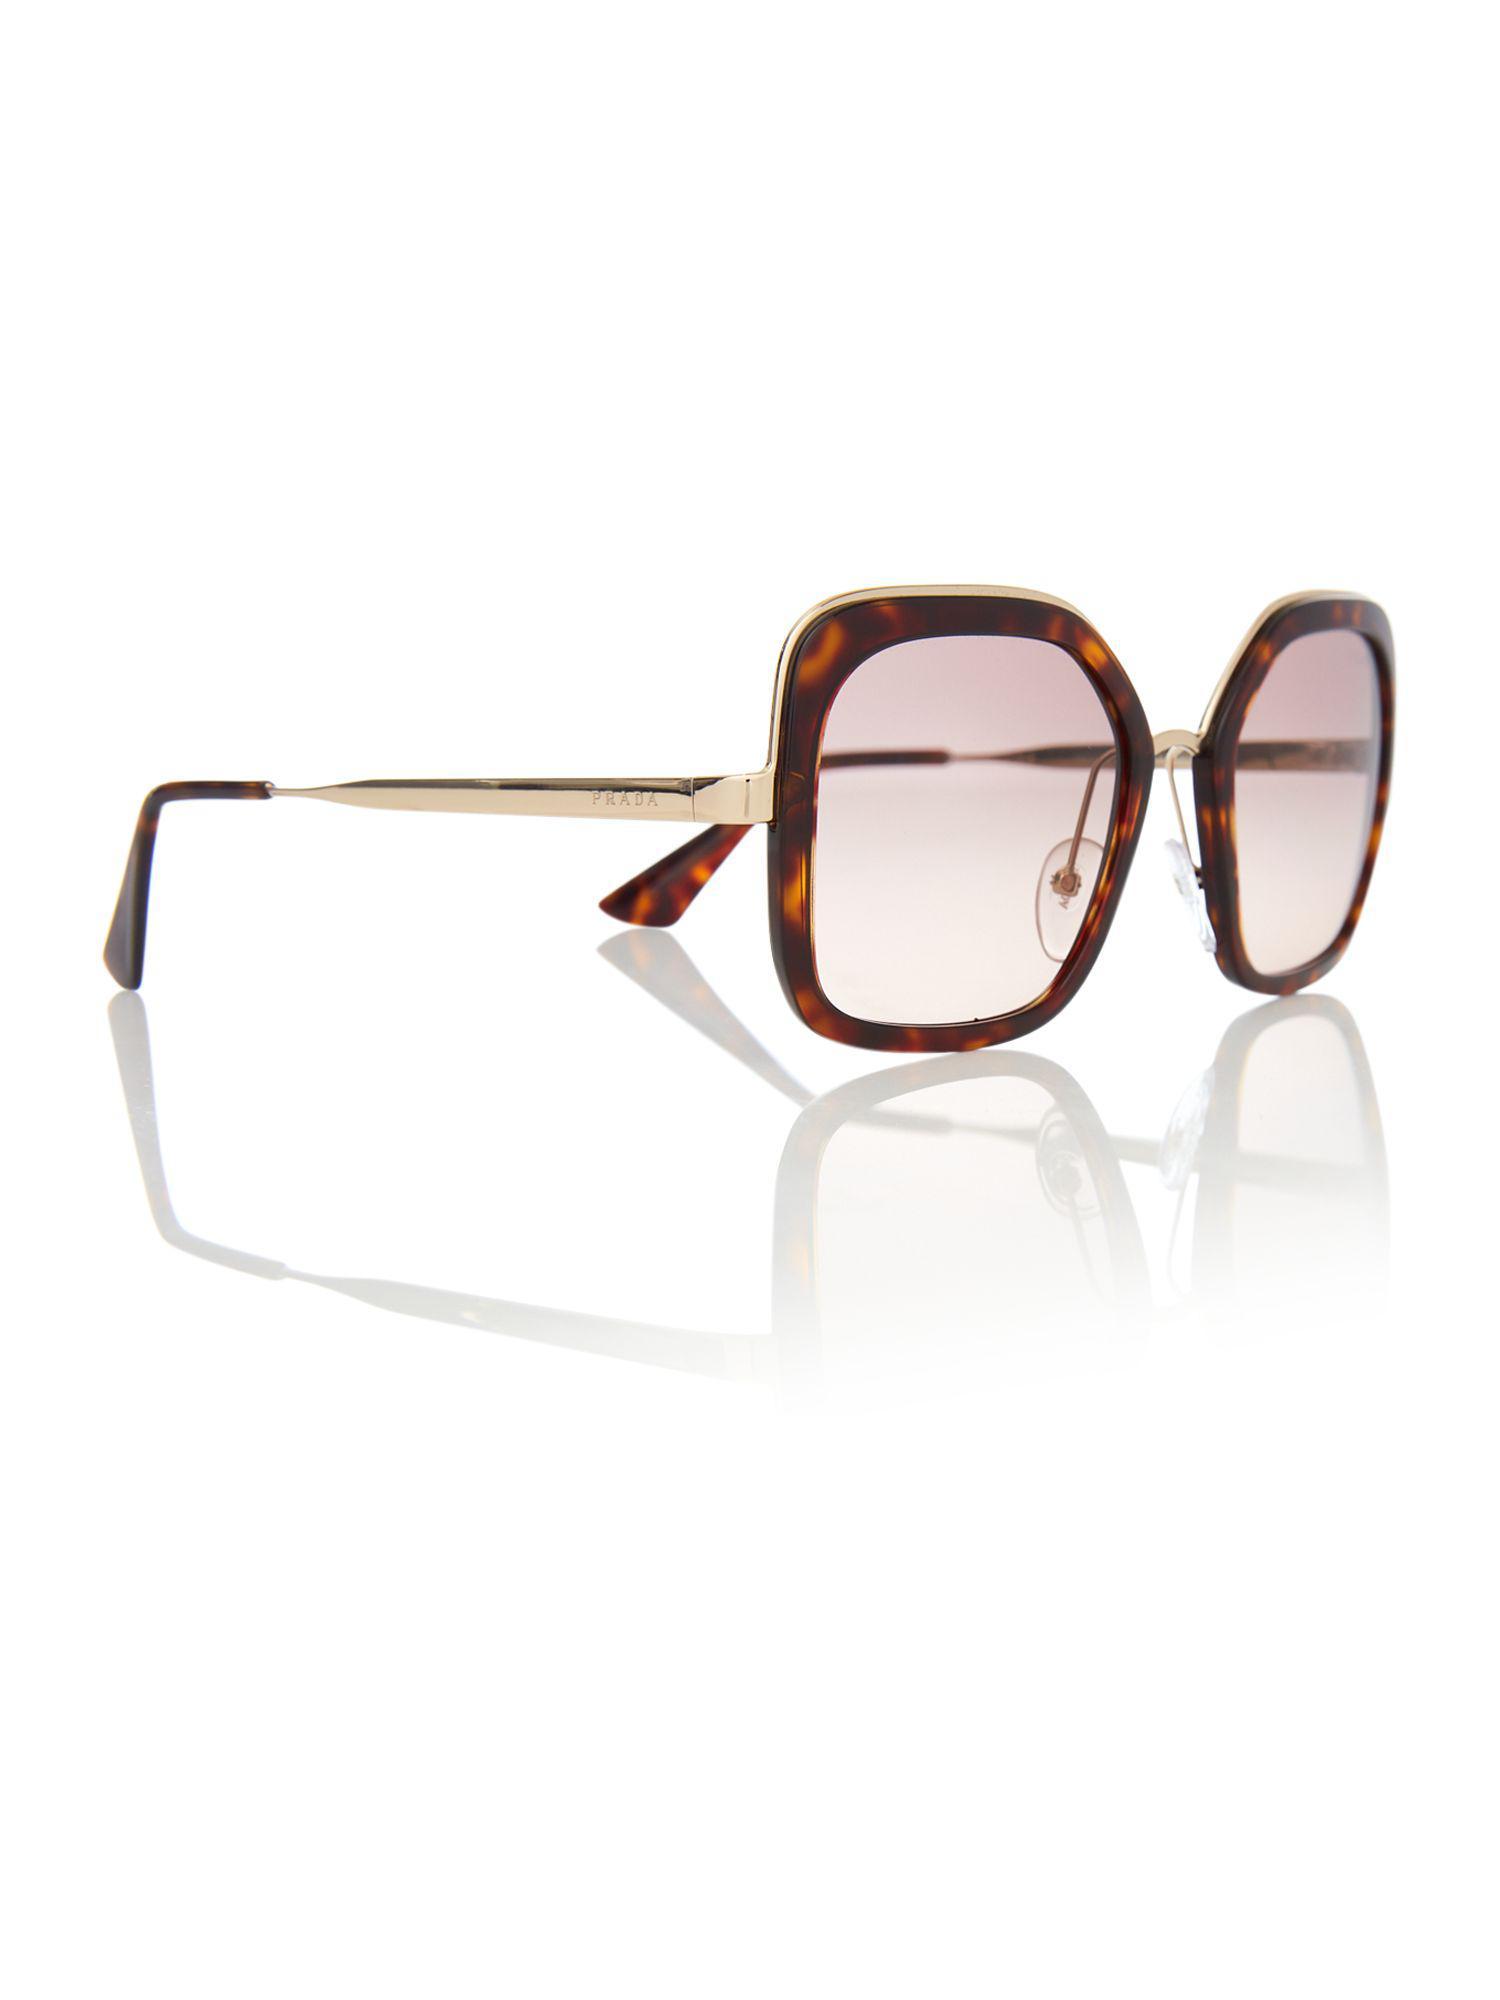 134118b3fd40 Lyst - Prada Brown Pr 57us Square Sunglasses in Brown